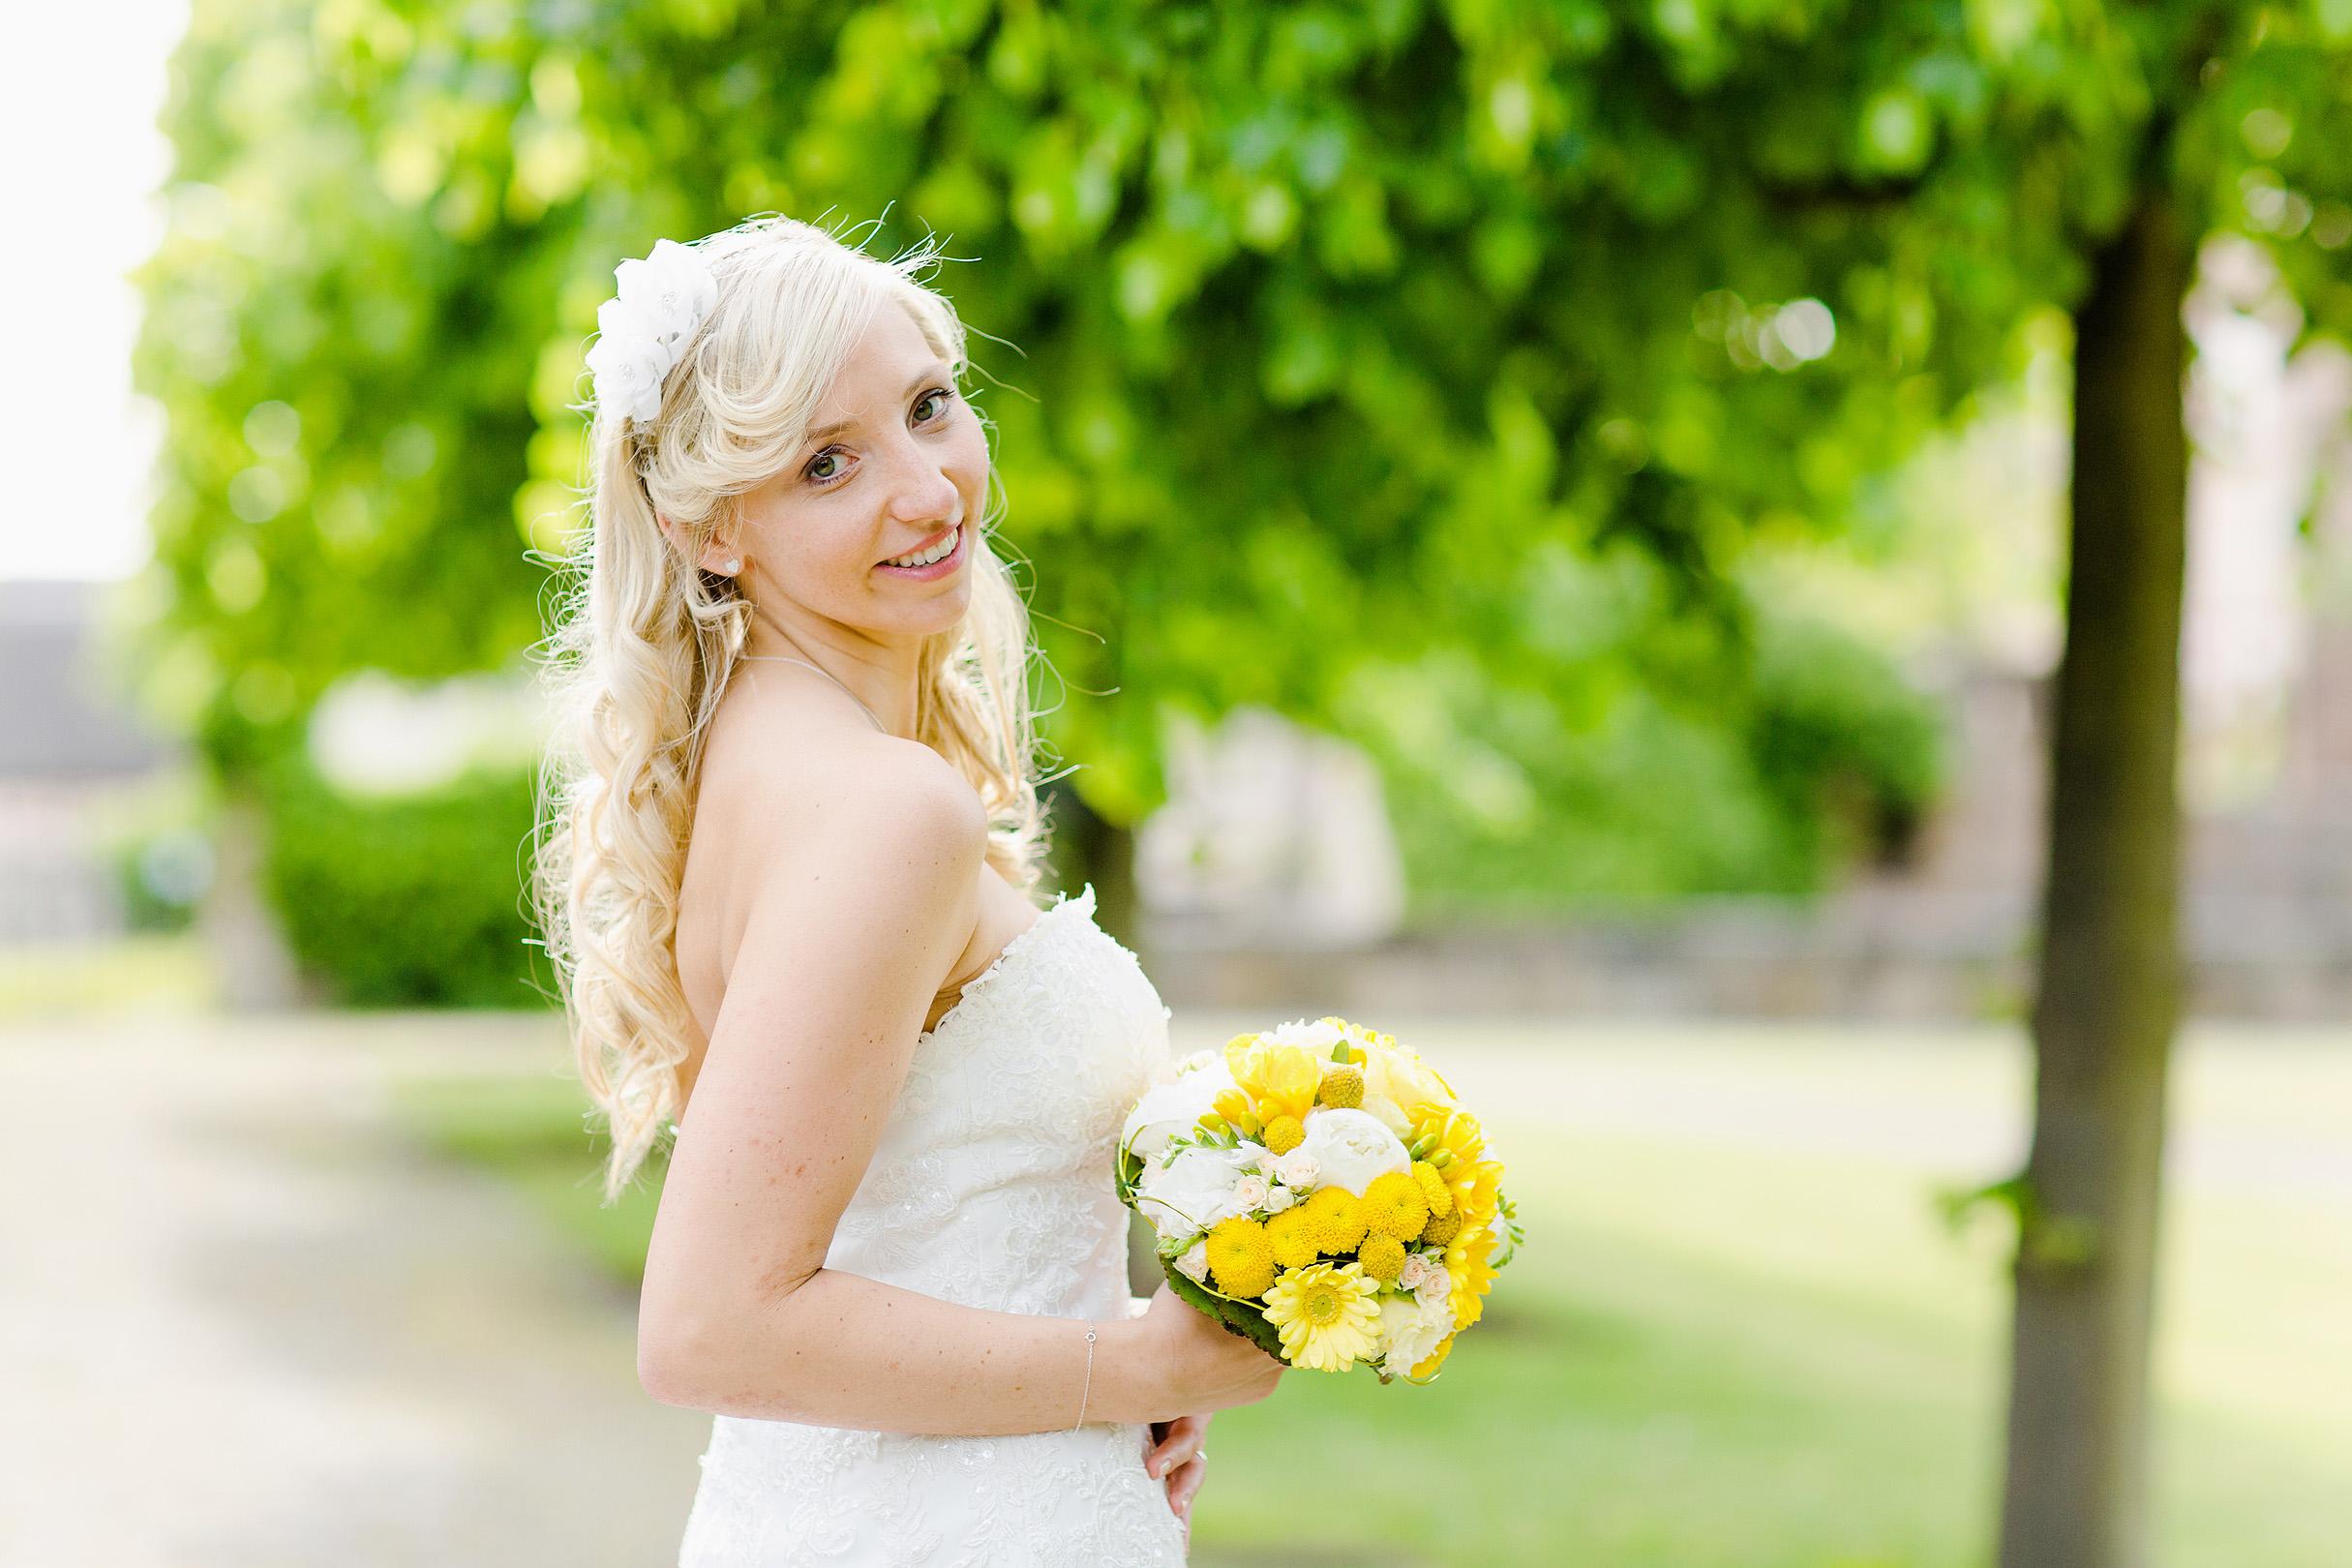 Hochzeitsofotograf Nürnberg Daria Gleich